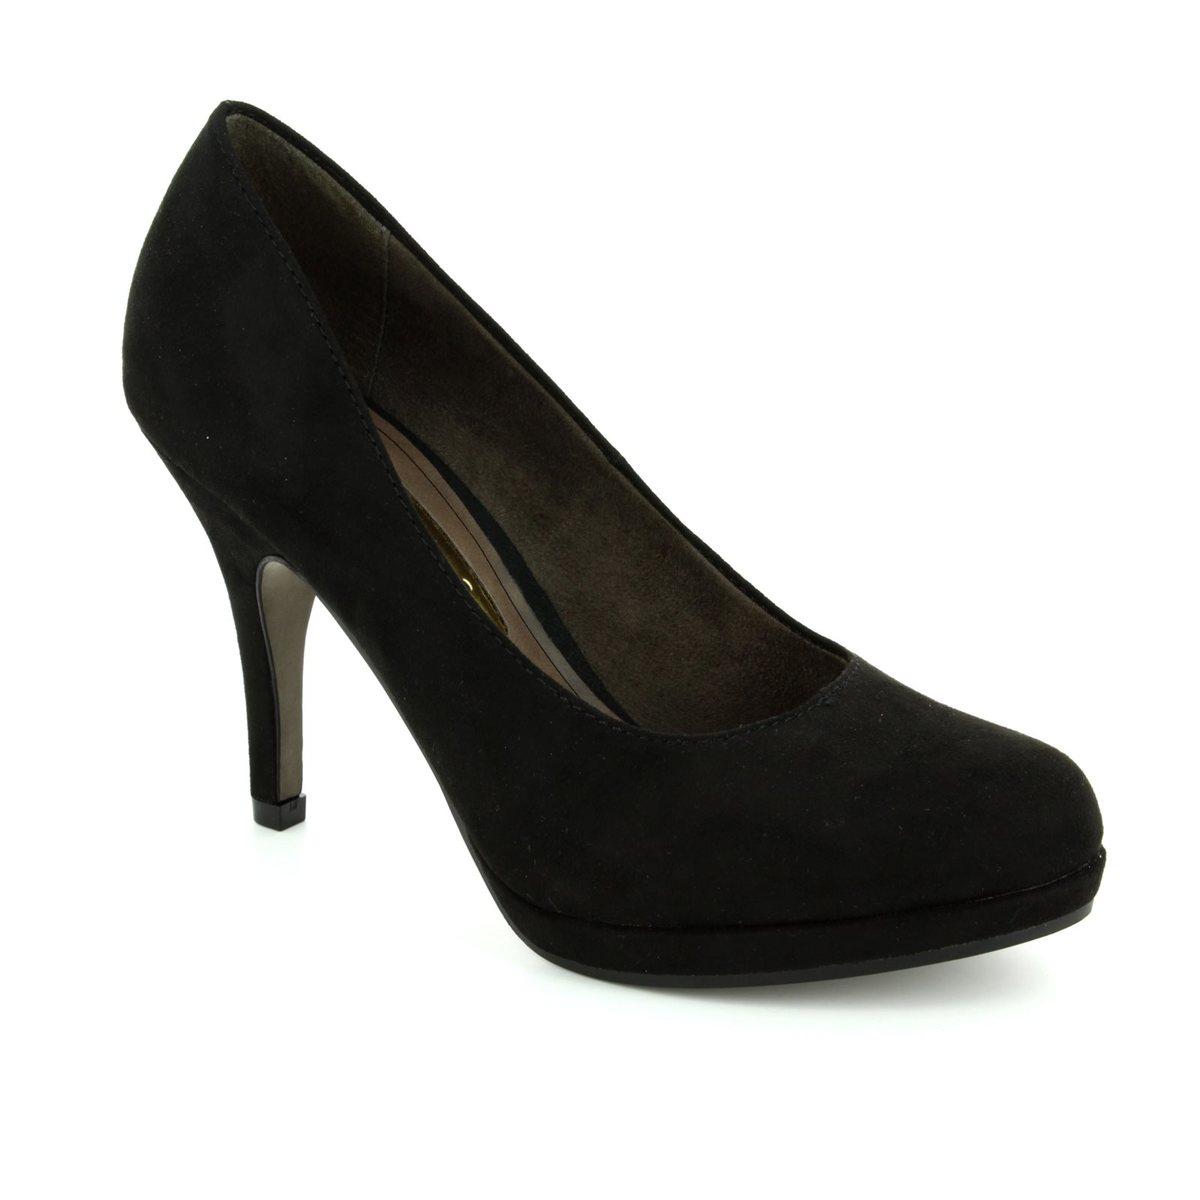 tamaris taggia 22407 001 black high heeled shoes. Black Bedroom Furniture Sets. Home Design Ideas